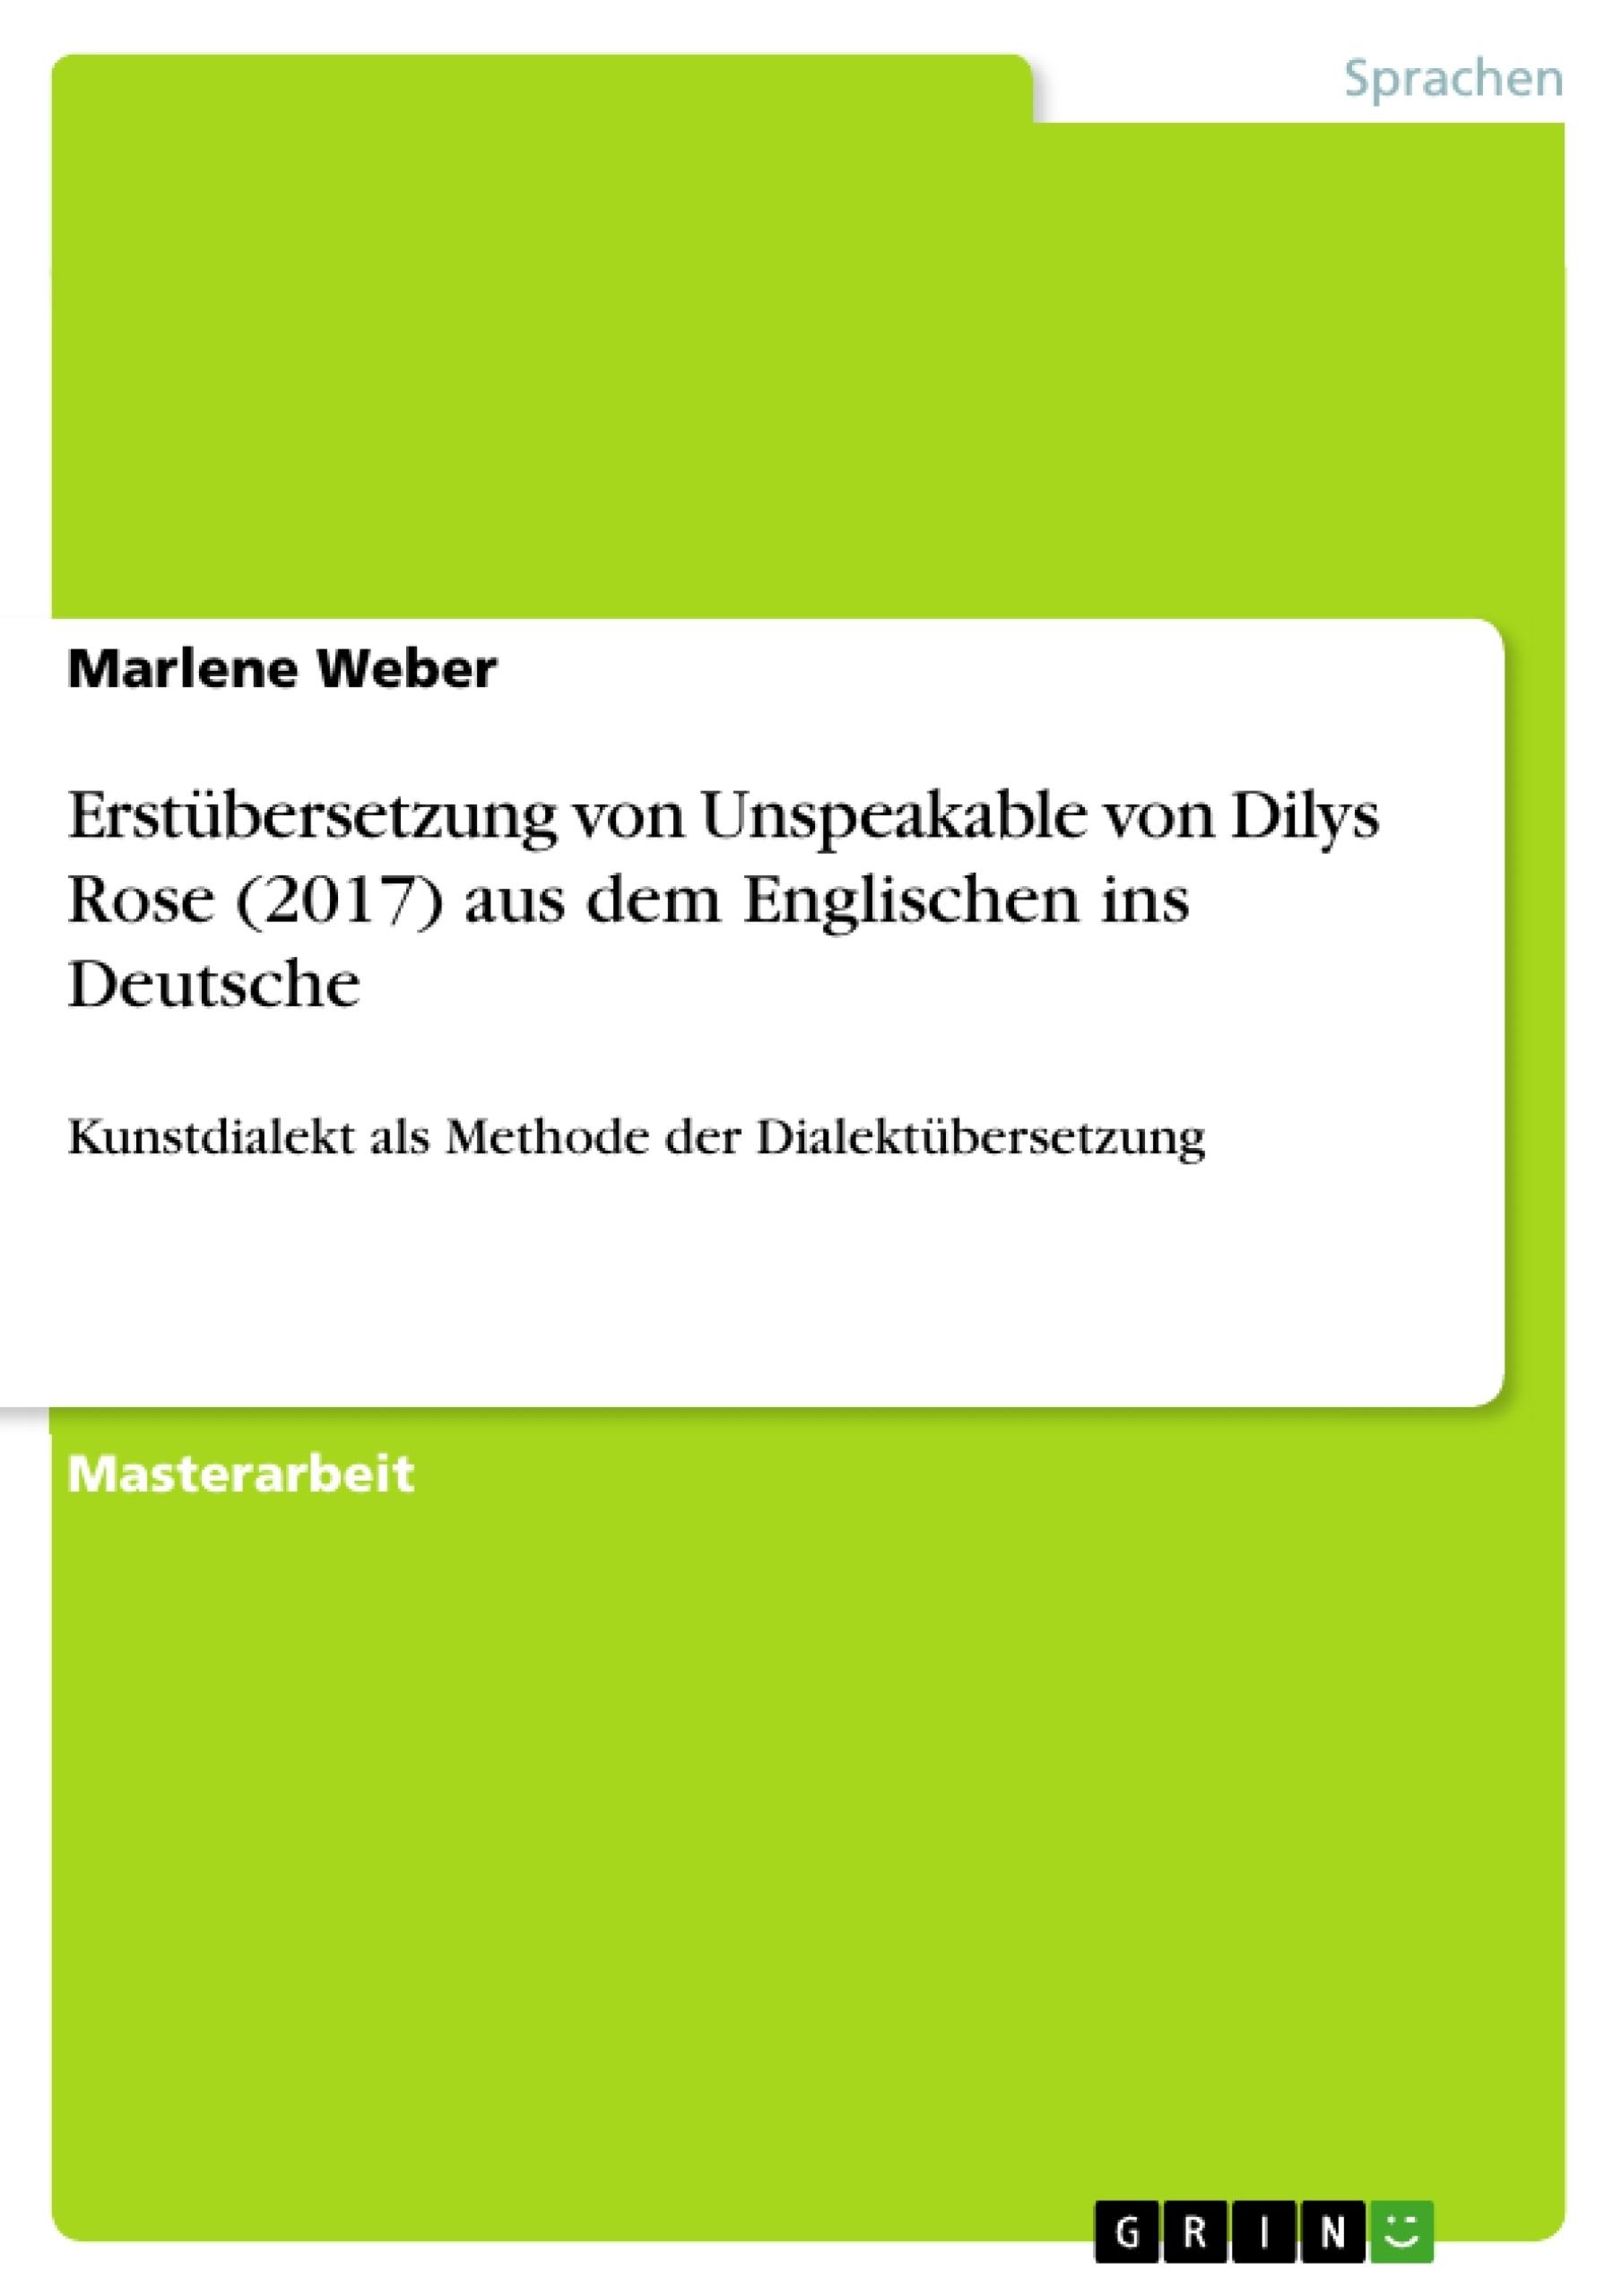 Titel: Erstübersetzung von Unspeakable von Dilys Rose (2017) aus dem Englischen ins Deutsche